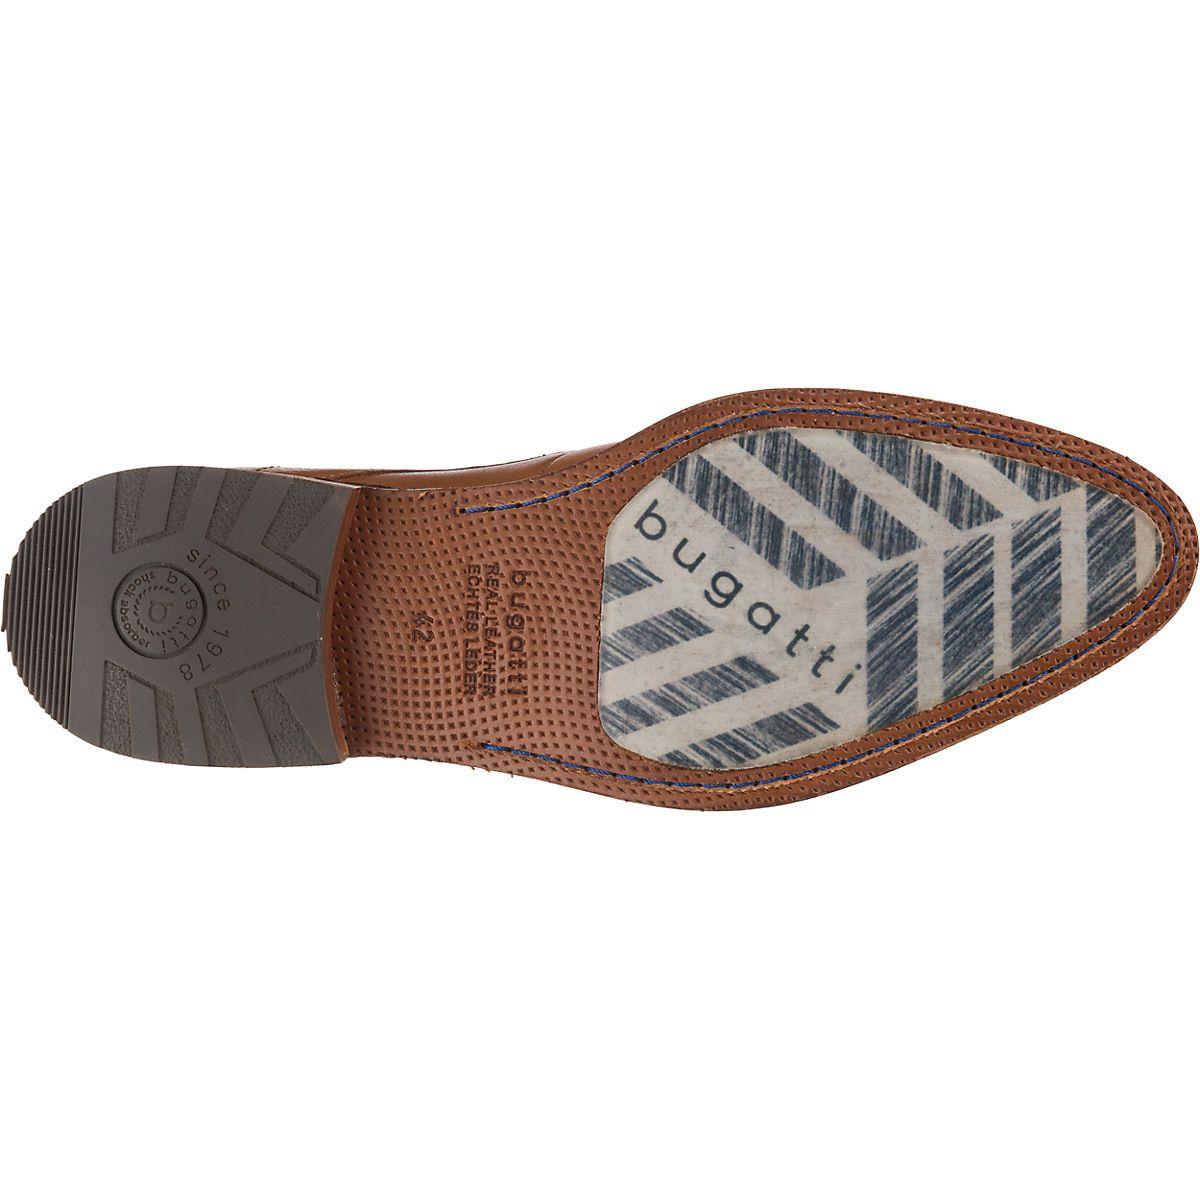 Sesto Evo Business Schnürschuhe   Bugatti, Shoes, Sneakers